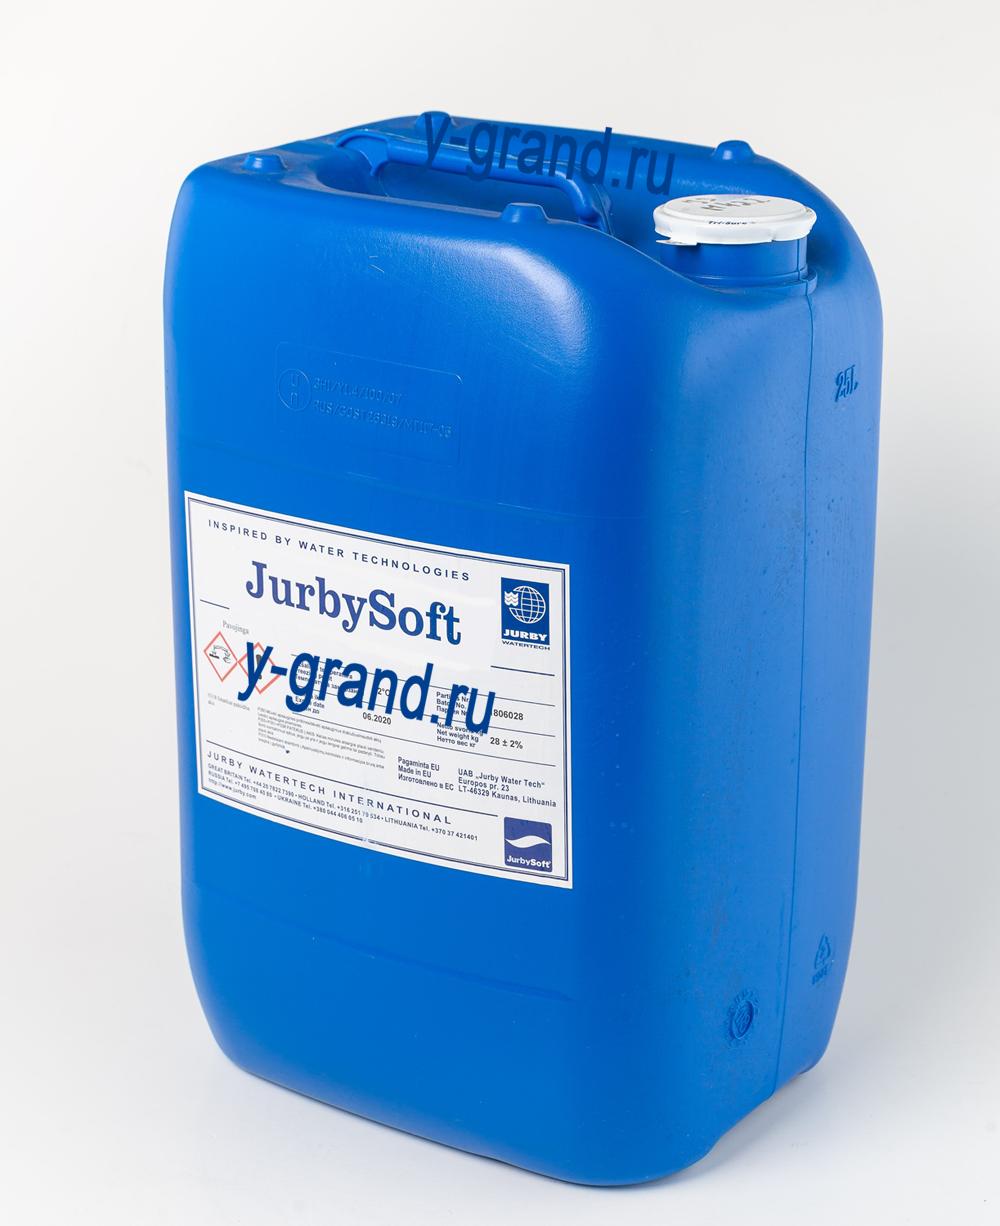 JurbySoft 34